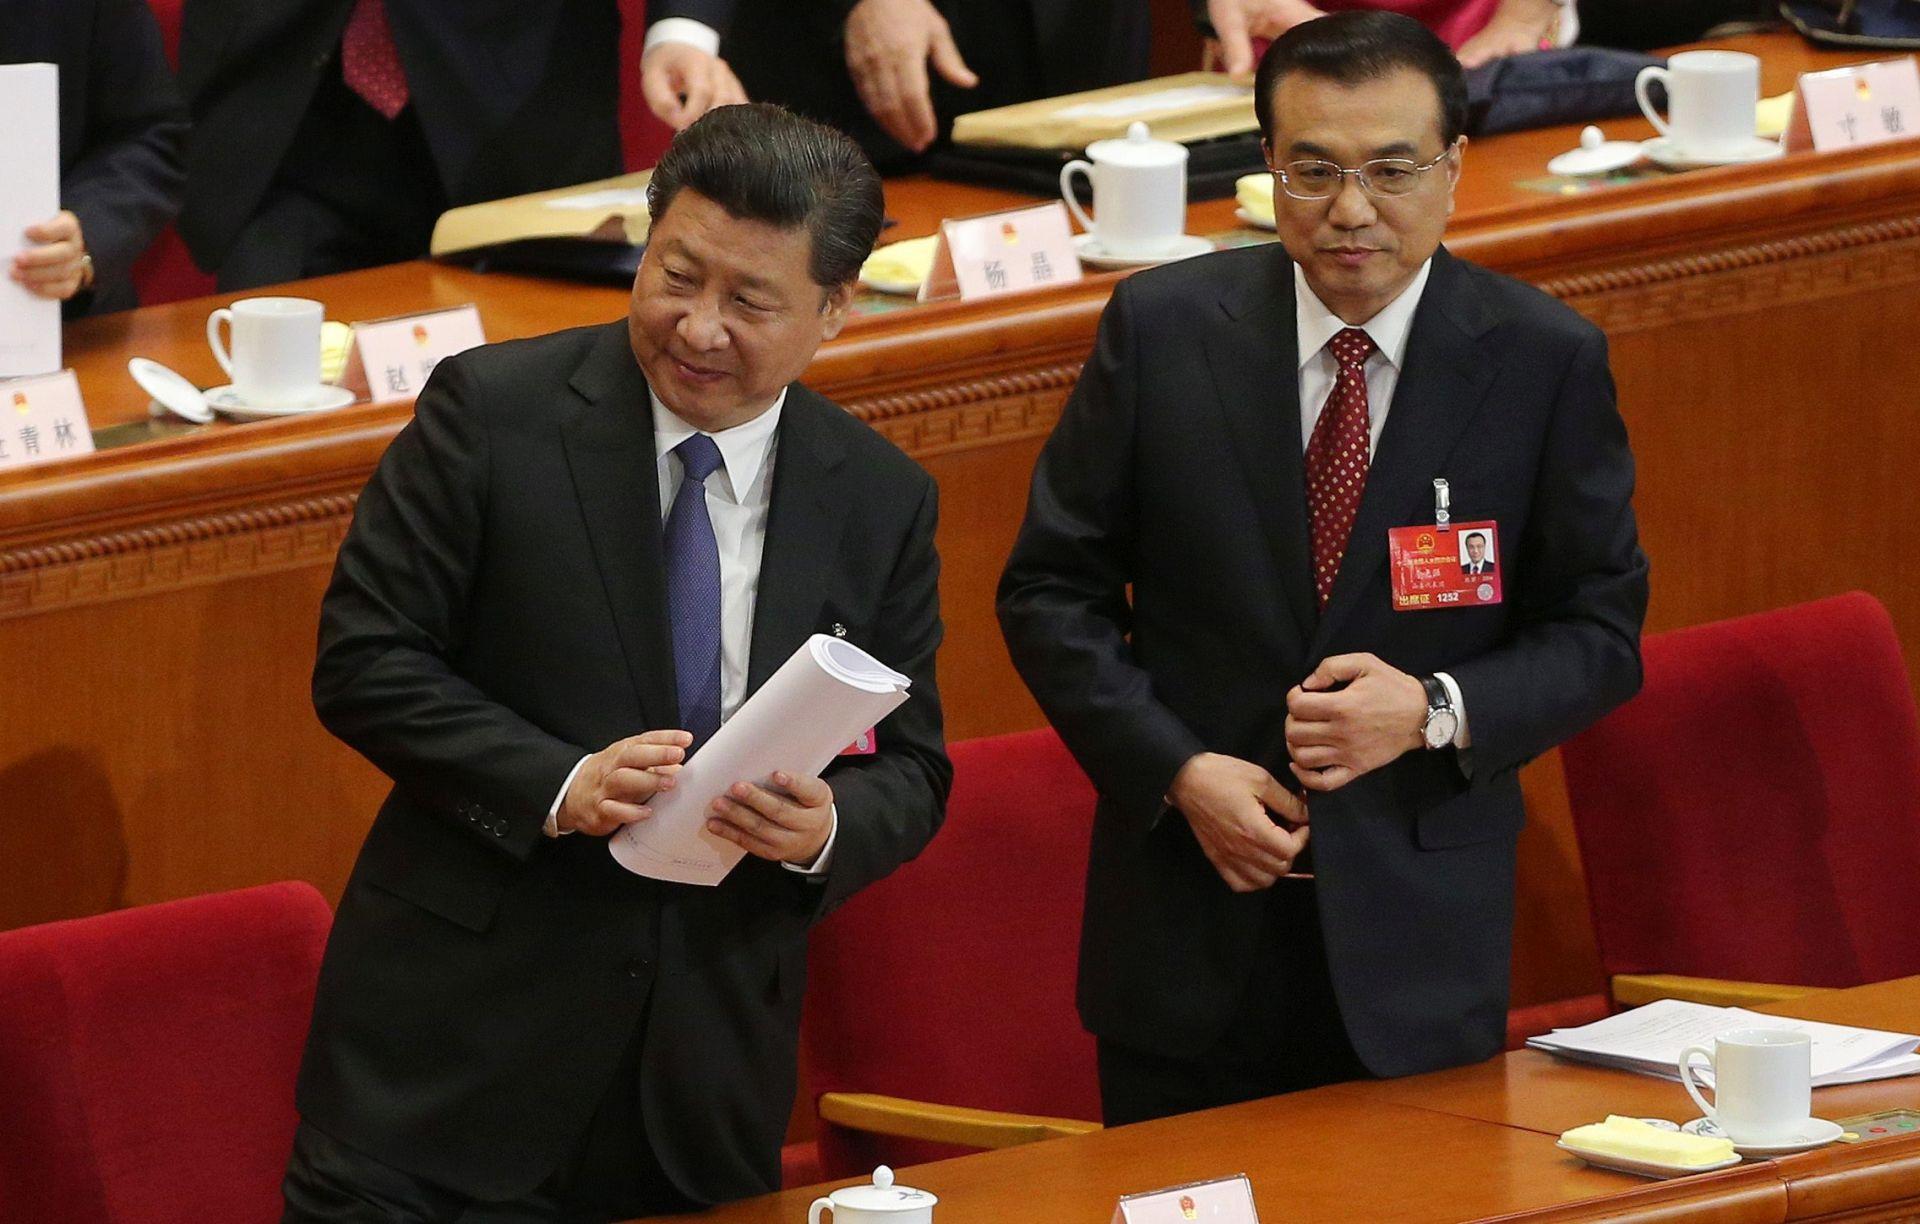 DISCIPLINSKA KOMISIJA: 300.000 članova Kineske komunističke partije kažnjeno za korupciju u 2015.